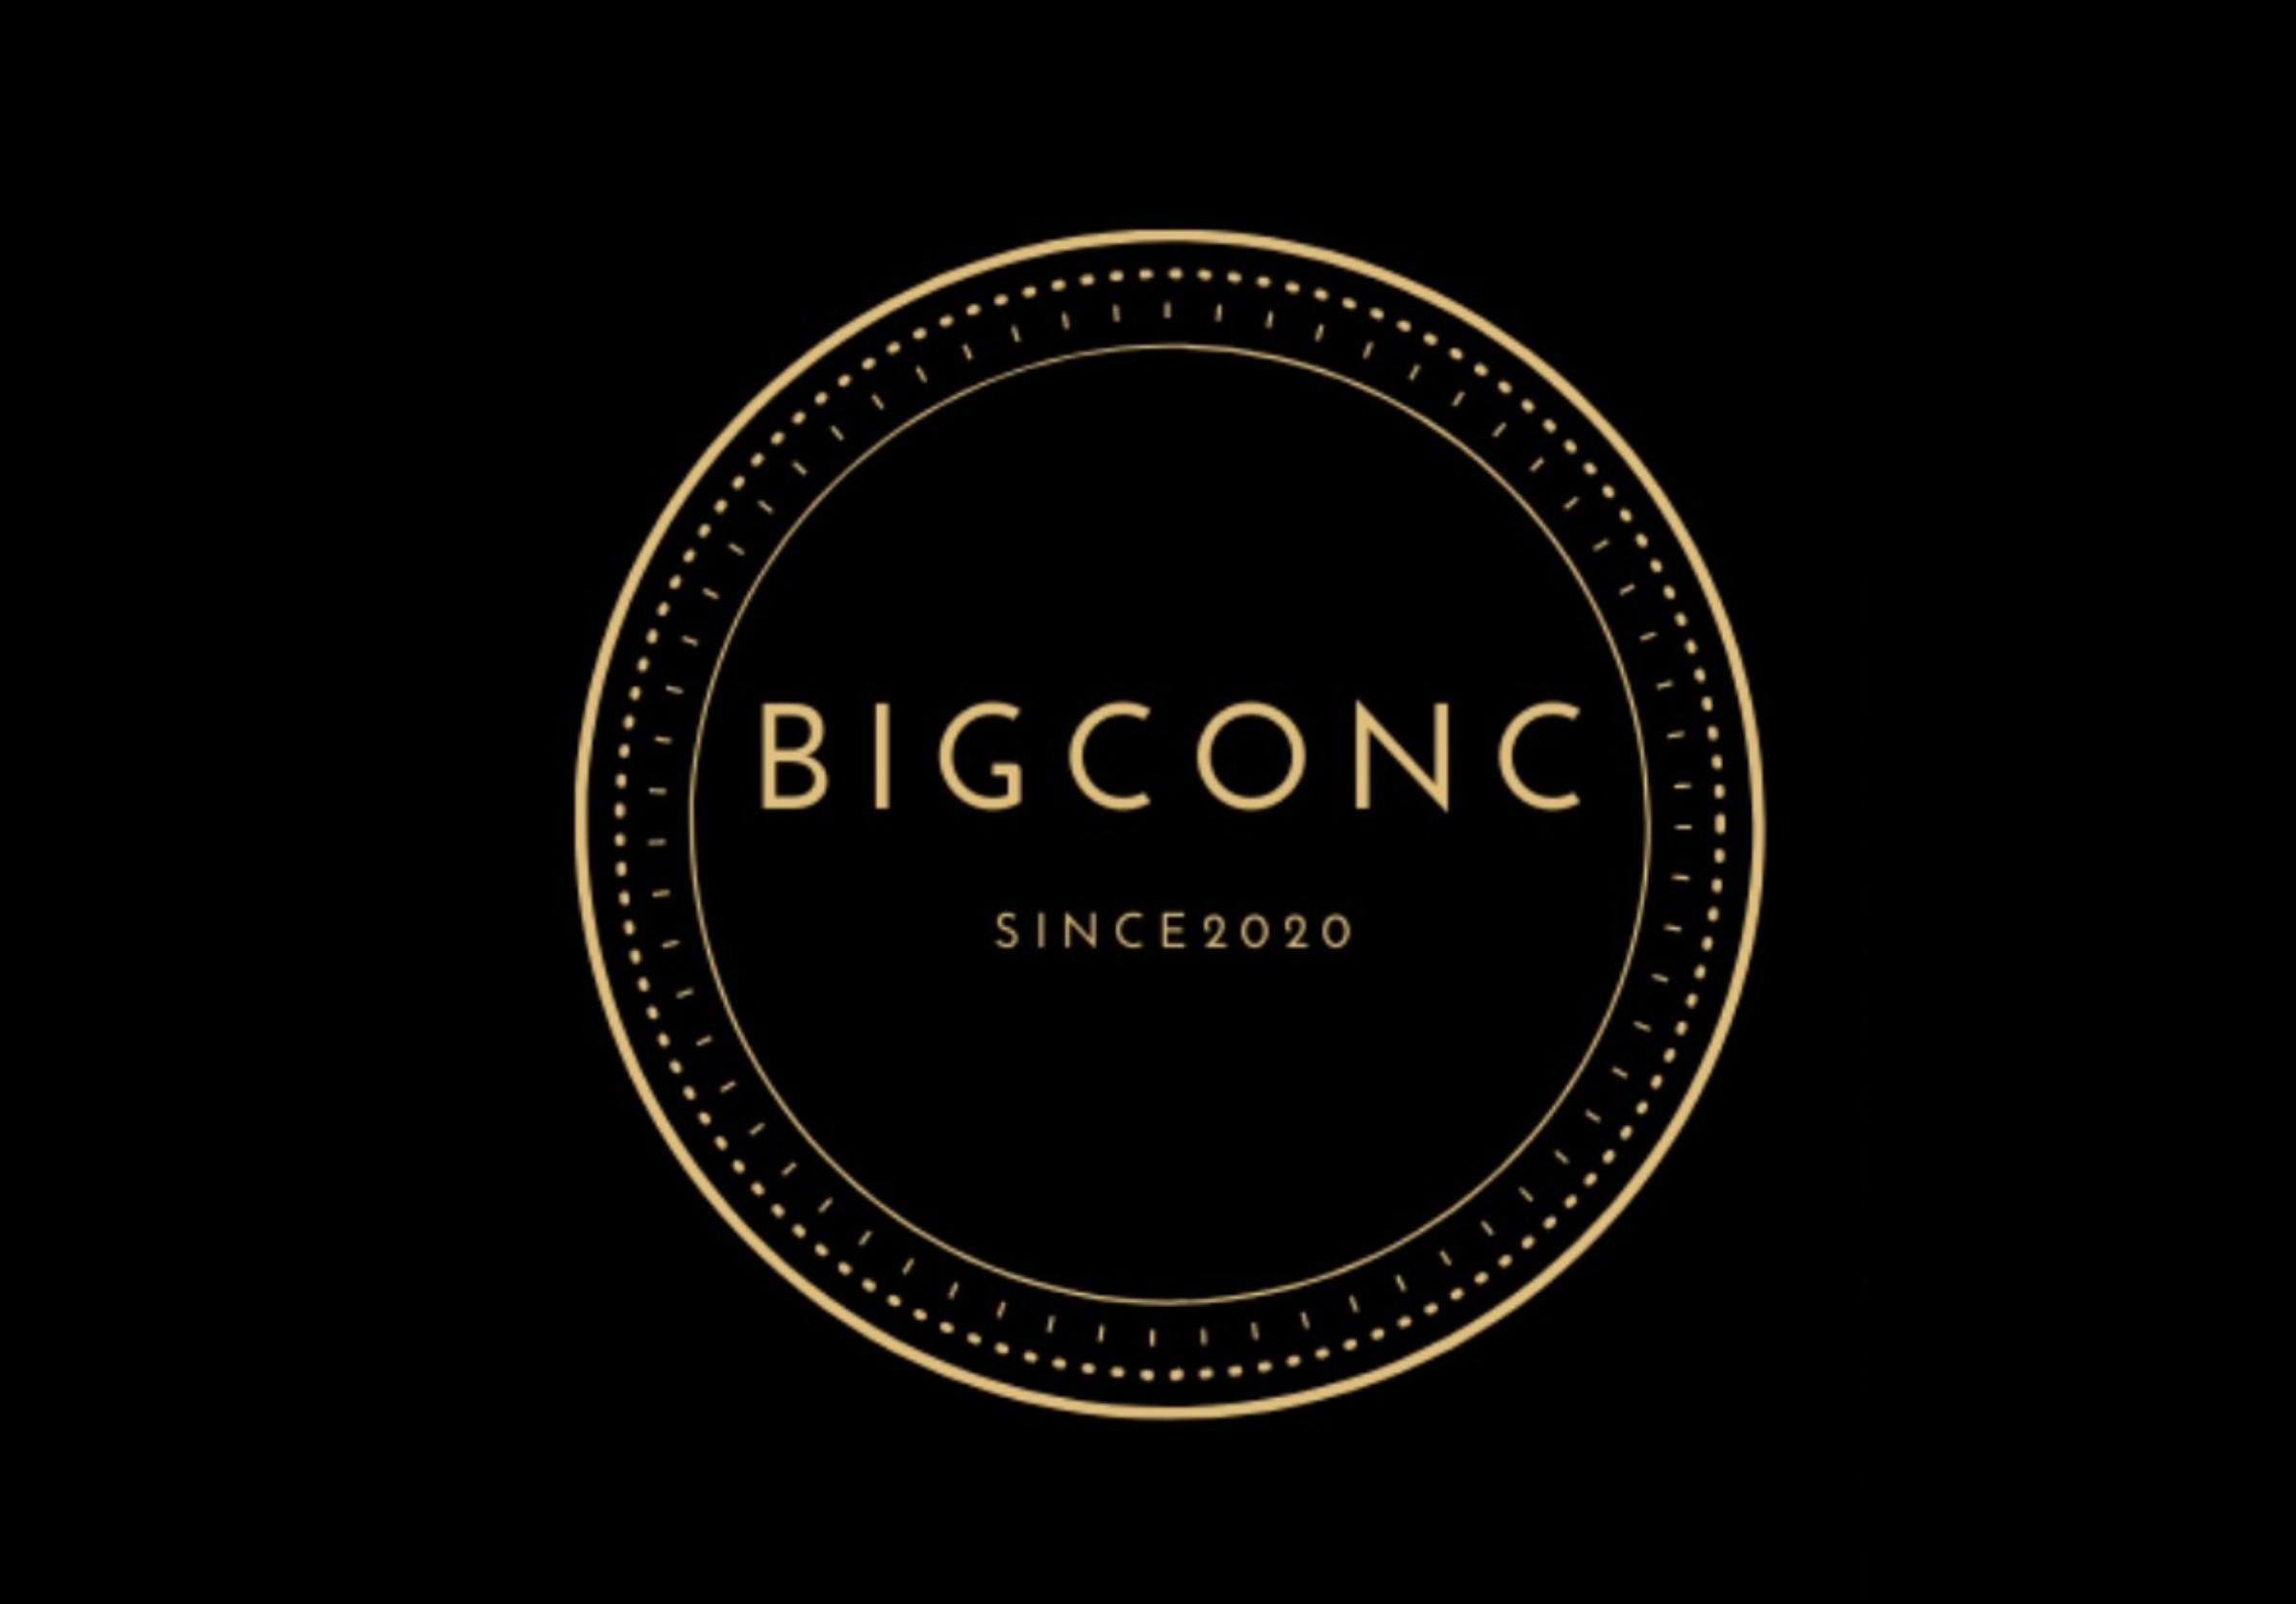 ソフトテニス振興会BIGCONC